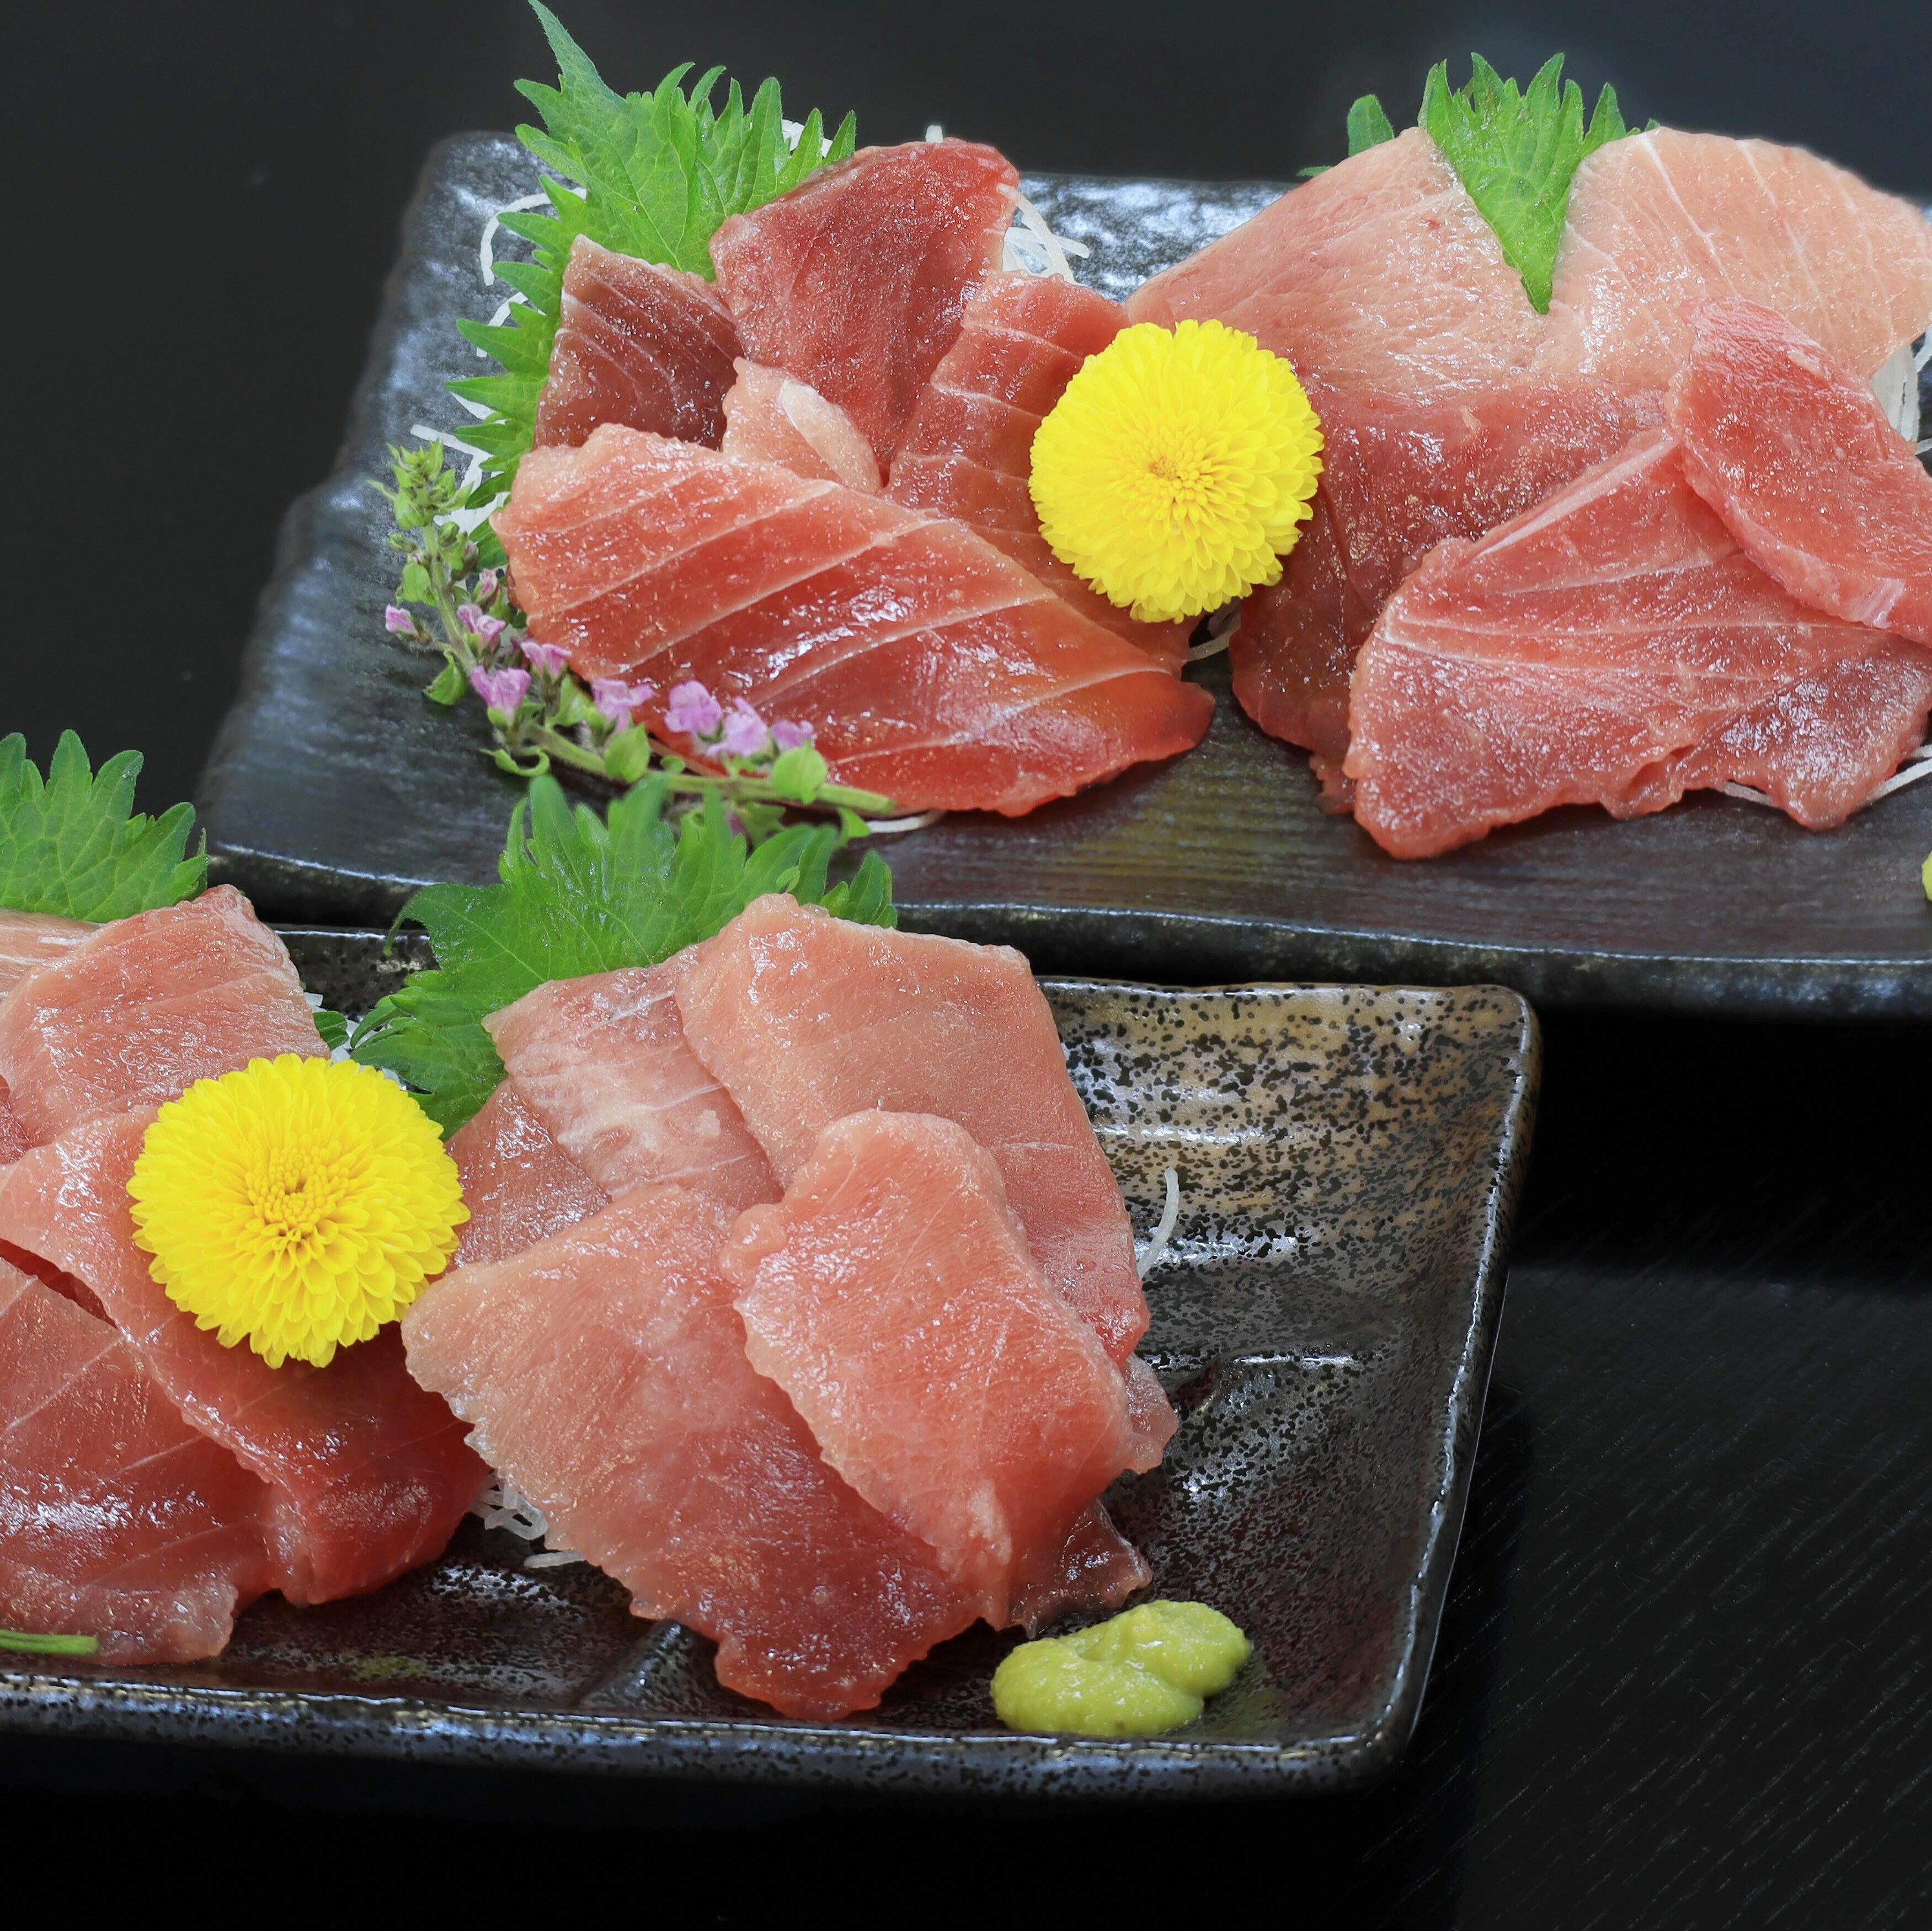 【ふるさと納税】a30-070 マルコ水産・とろづくし増量約1.65kgセット